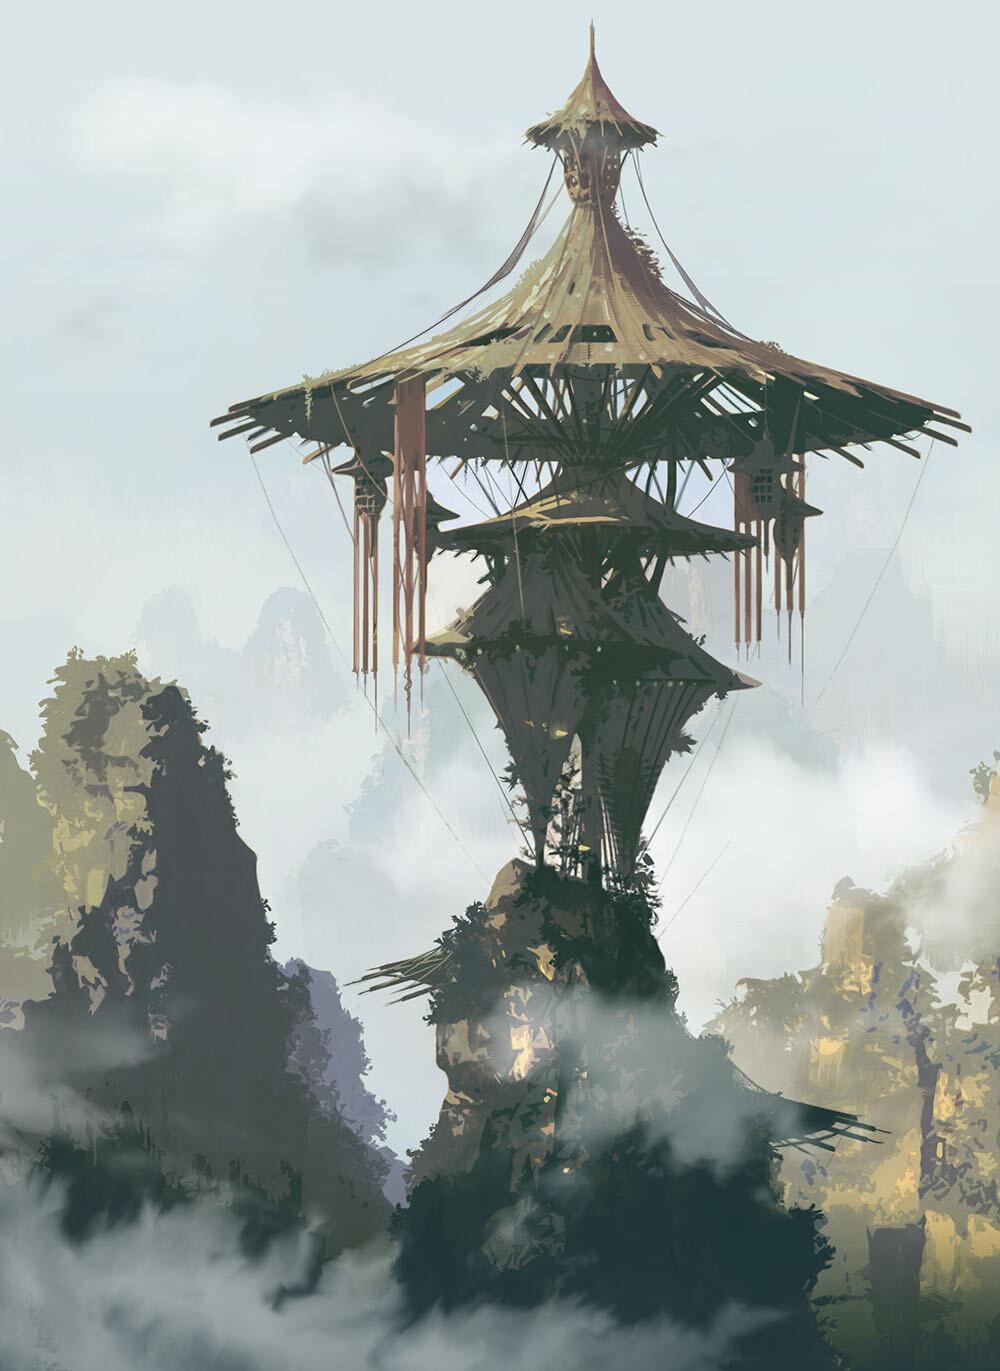 Min seub jung umbrella house